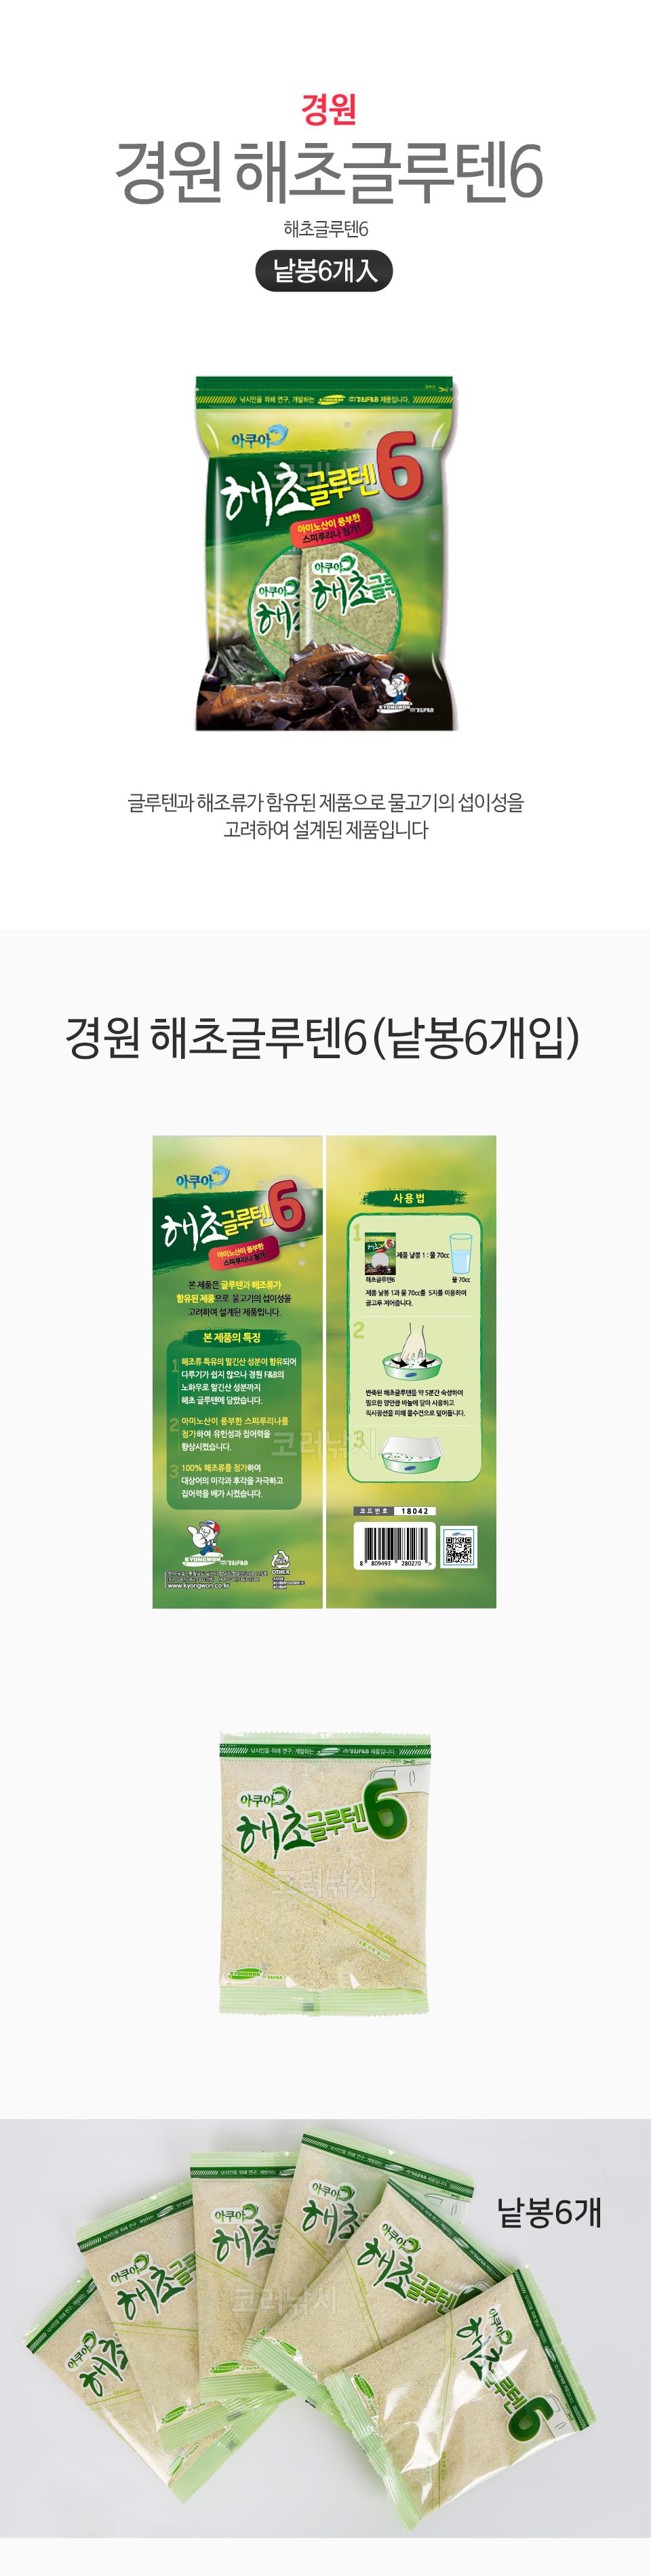 경원 해초글루텐6(낱봉6개입) 해초글루텐6 글루텐 해초 떡밥 붕어떡밥